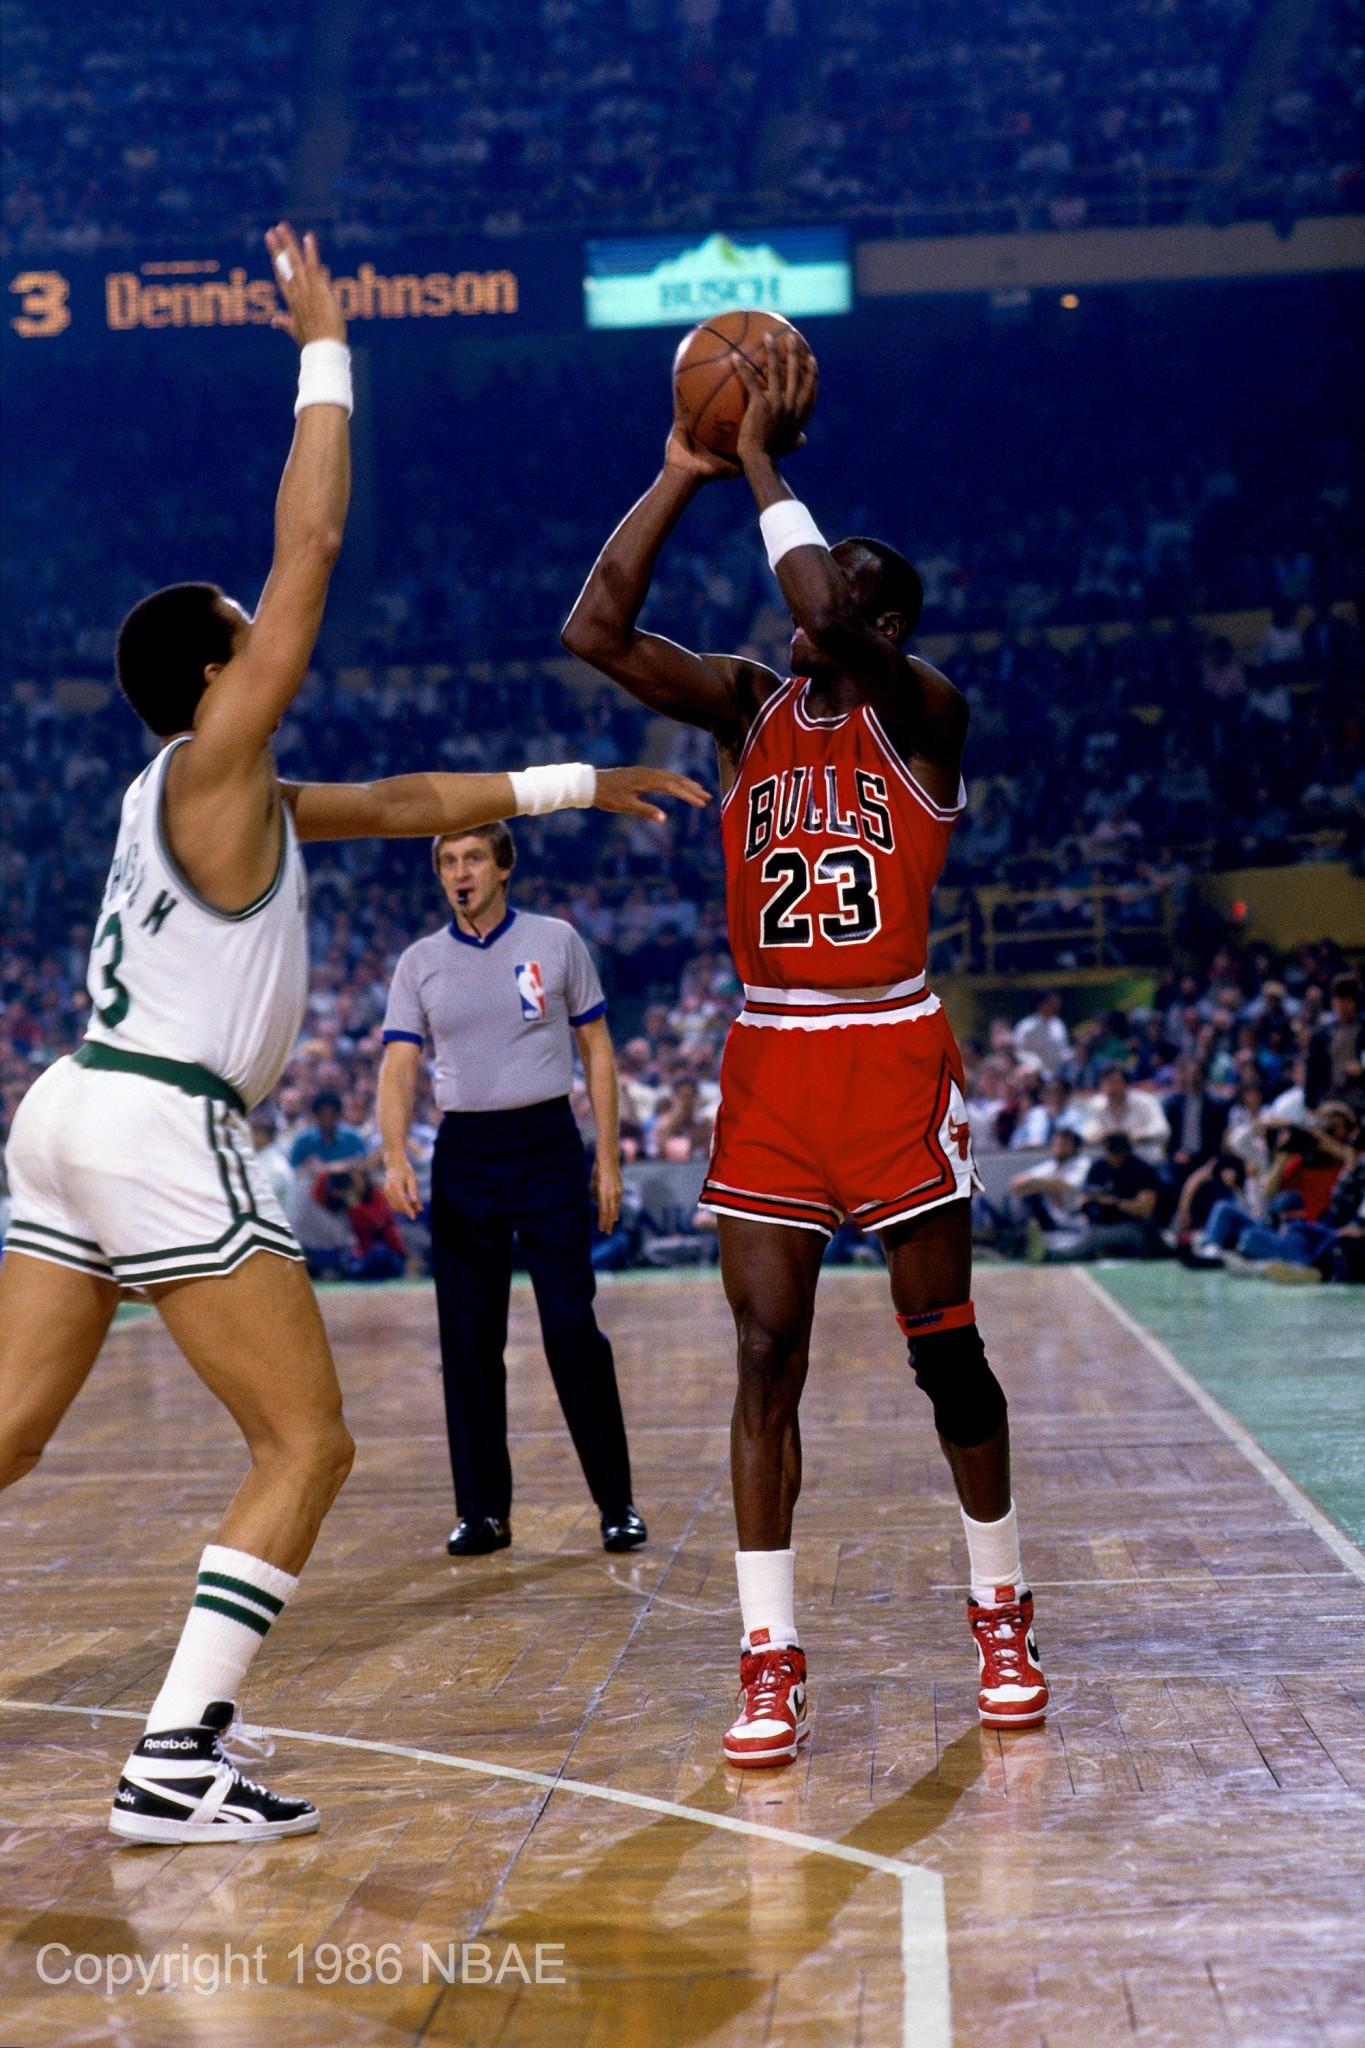 Jordan jumper vs. Celtics